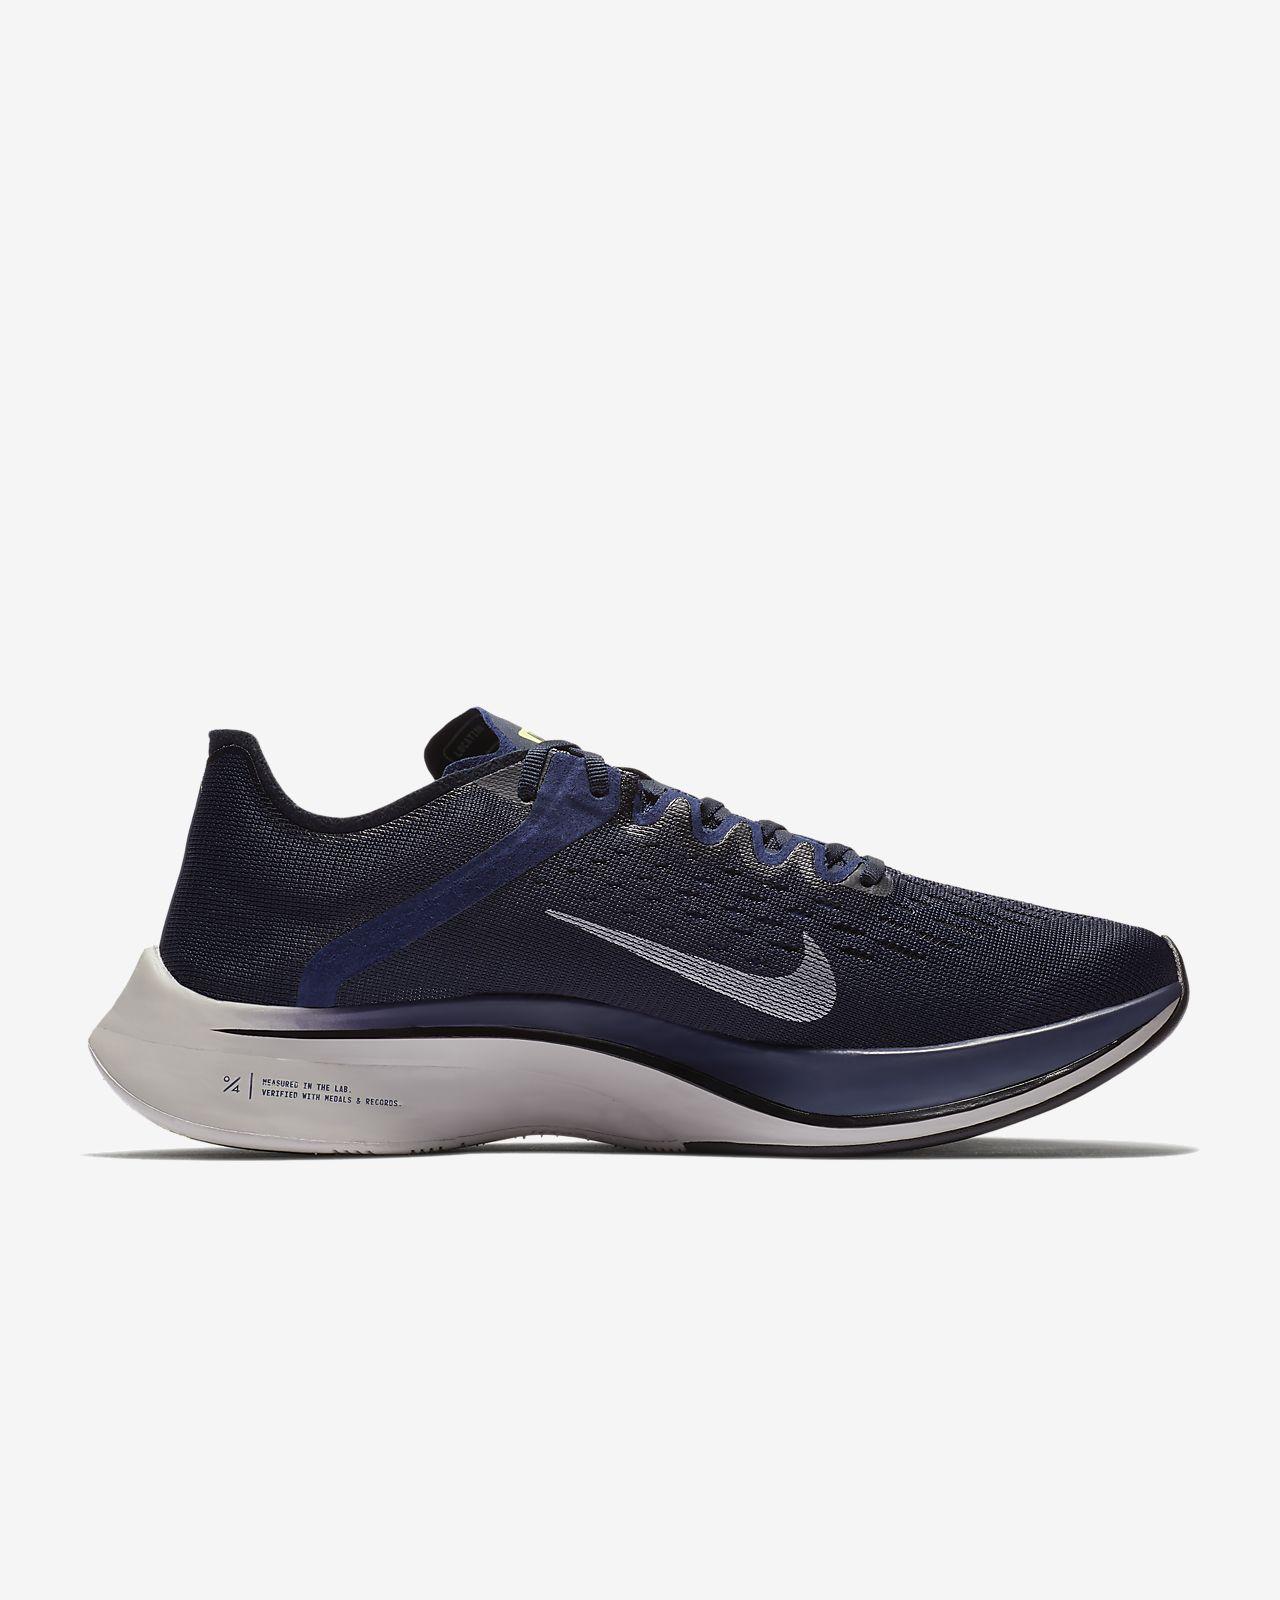 ... Nike Zoom Vaporfly 4% Unisex Running Shoe